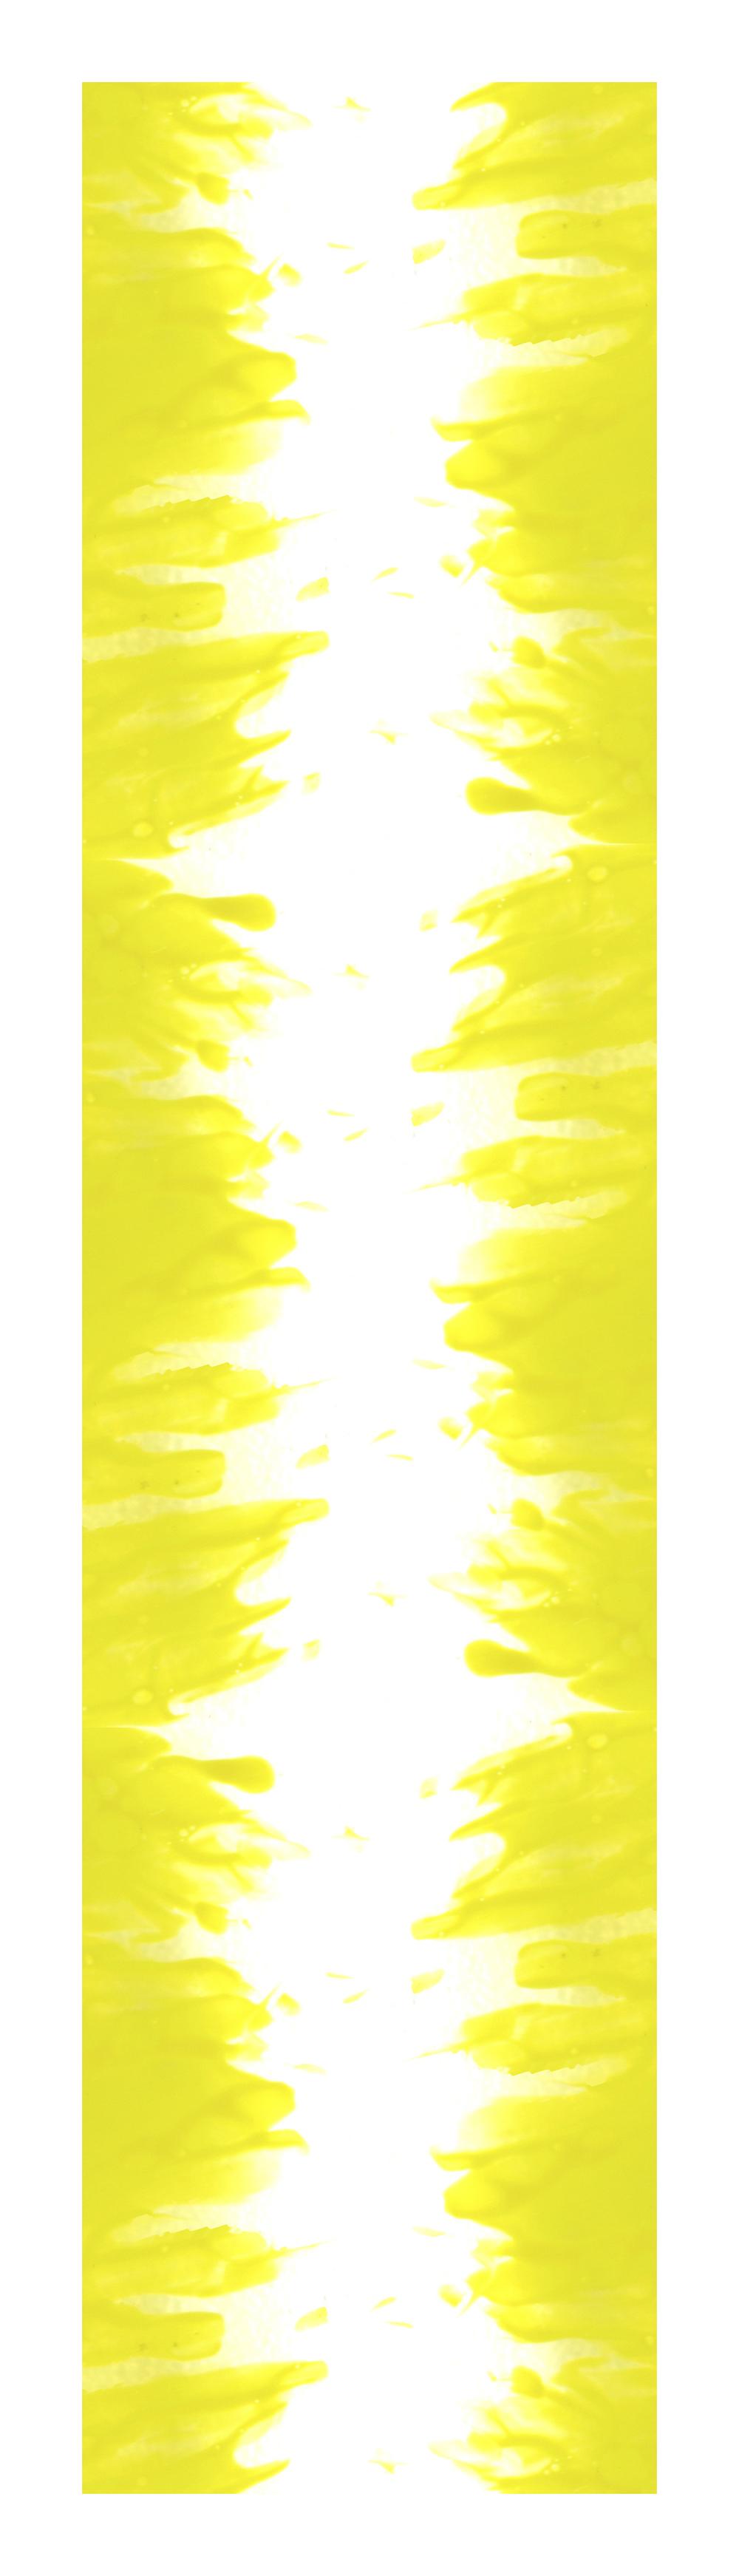 Assortment: Yellow II